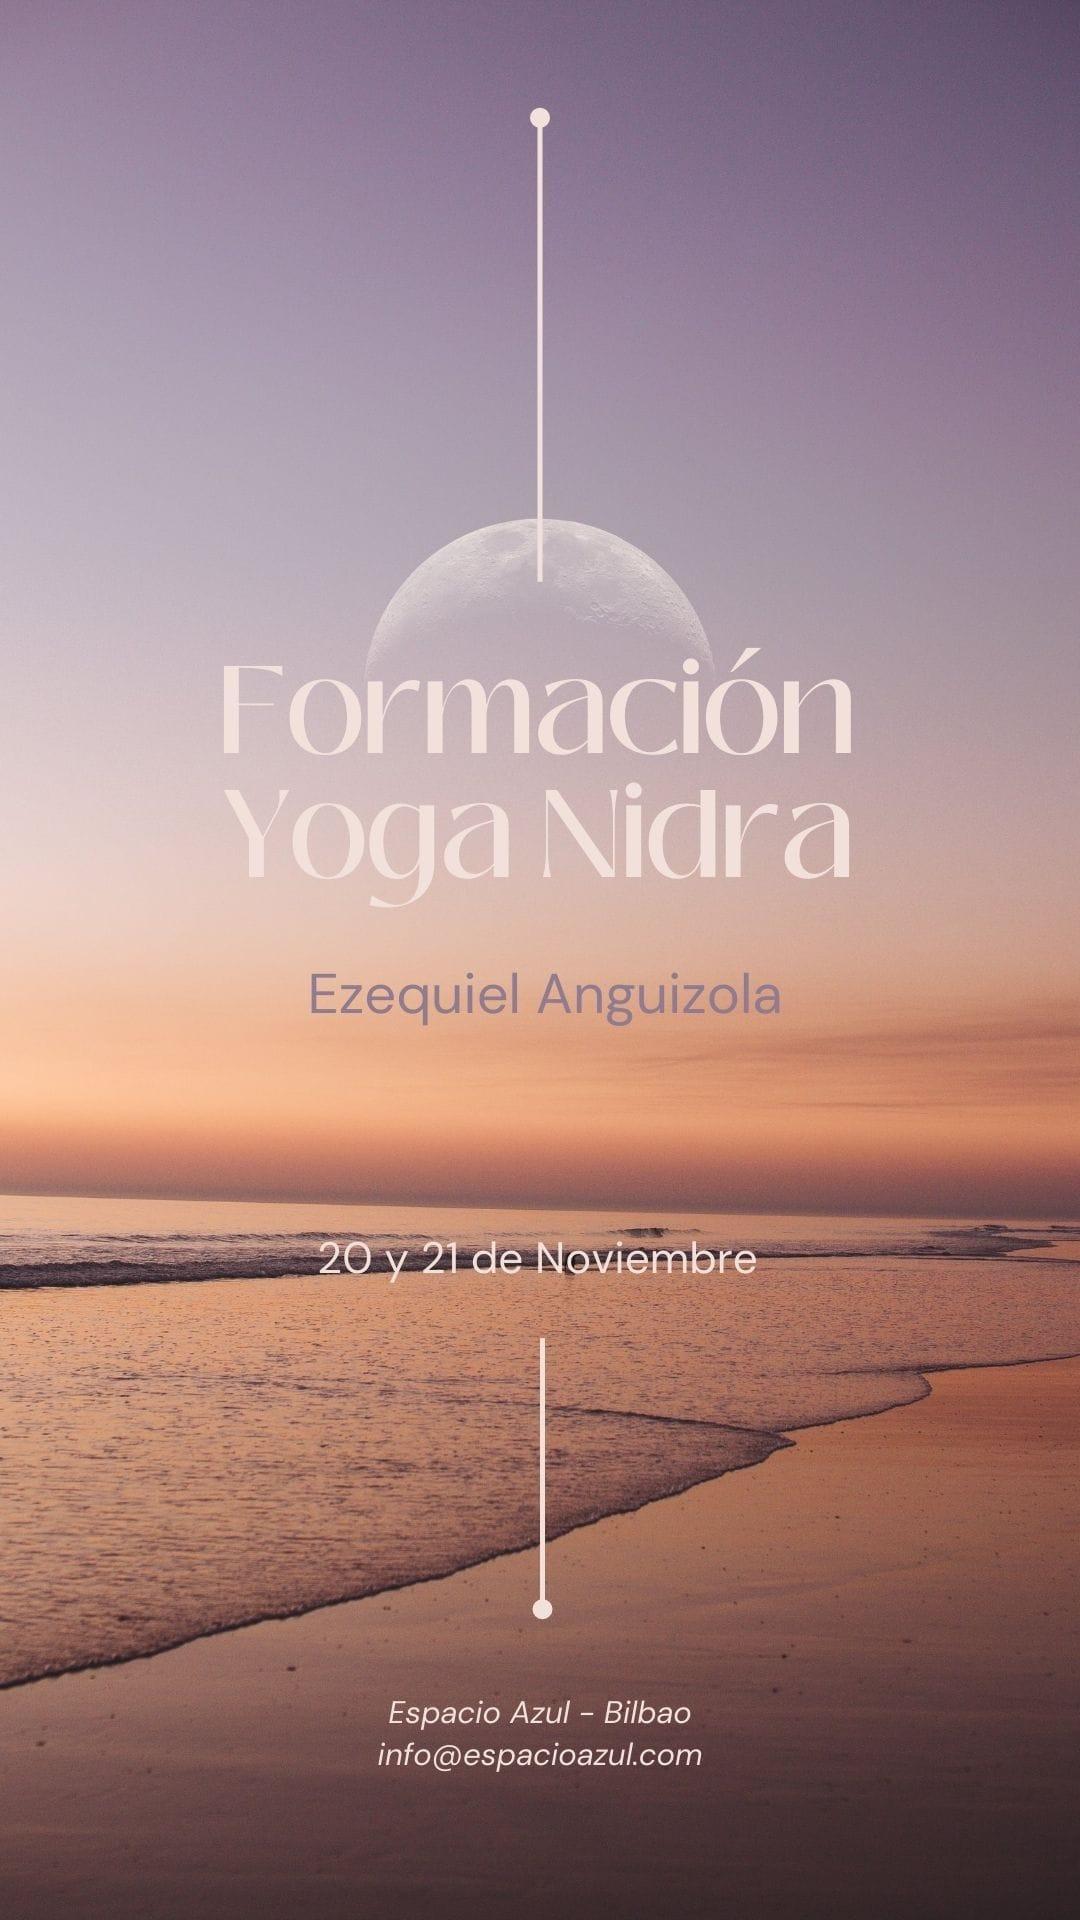 FORMACIÓN INTERNACIONAL DE NYASA YOGA NIDRA (se entrega Certificación avalado por la OIYAY)